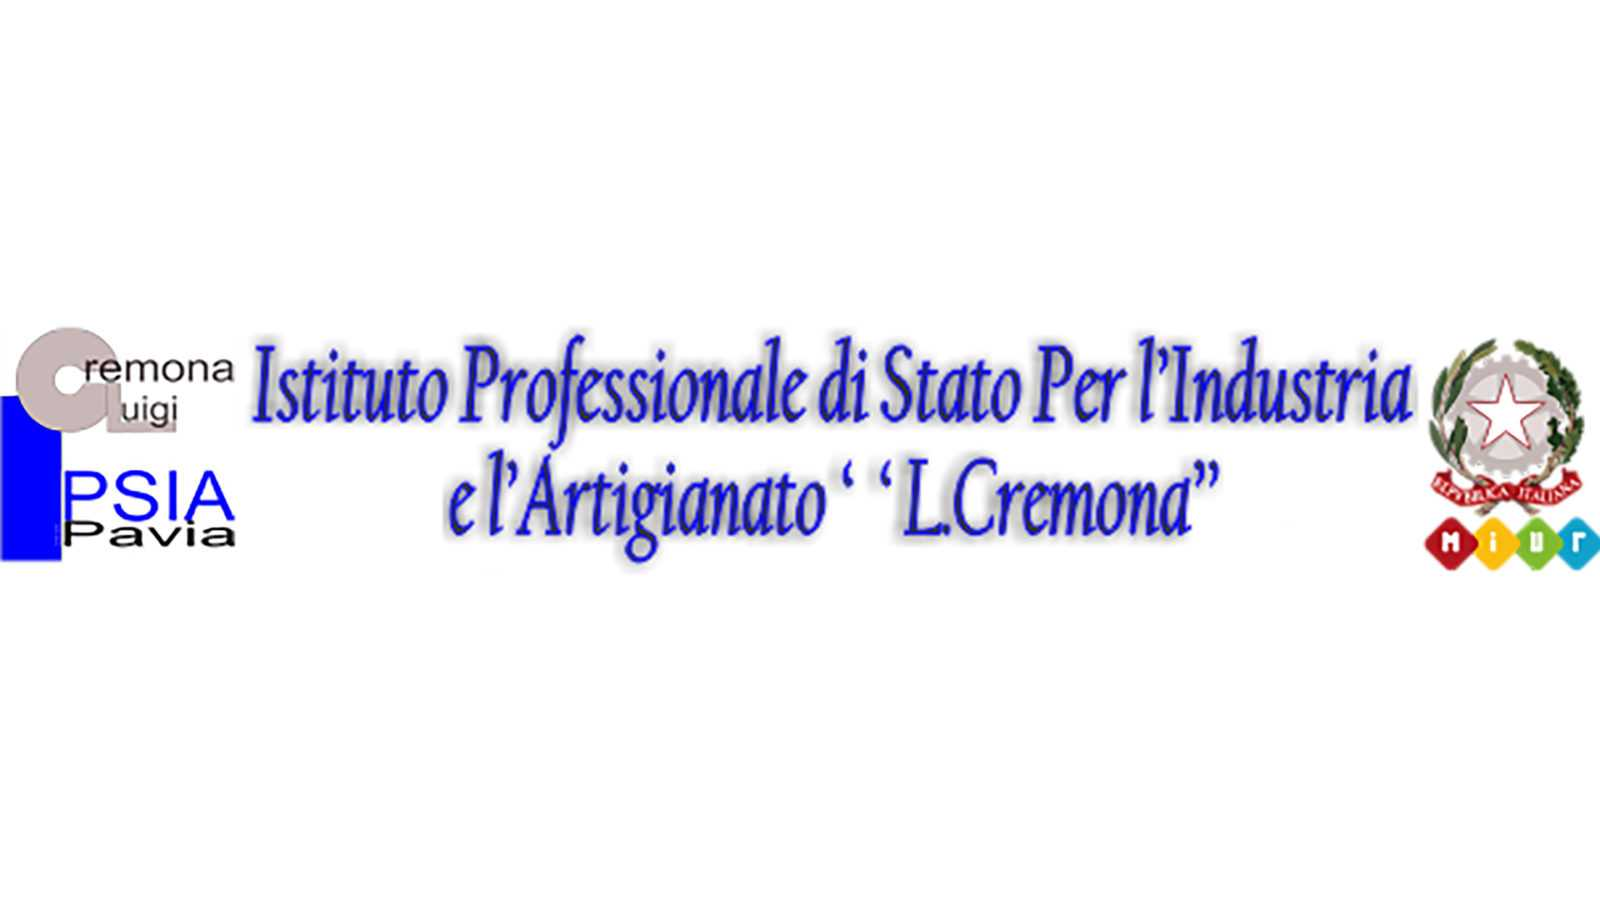 Istituto Luigi Cremona